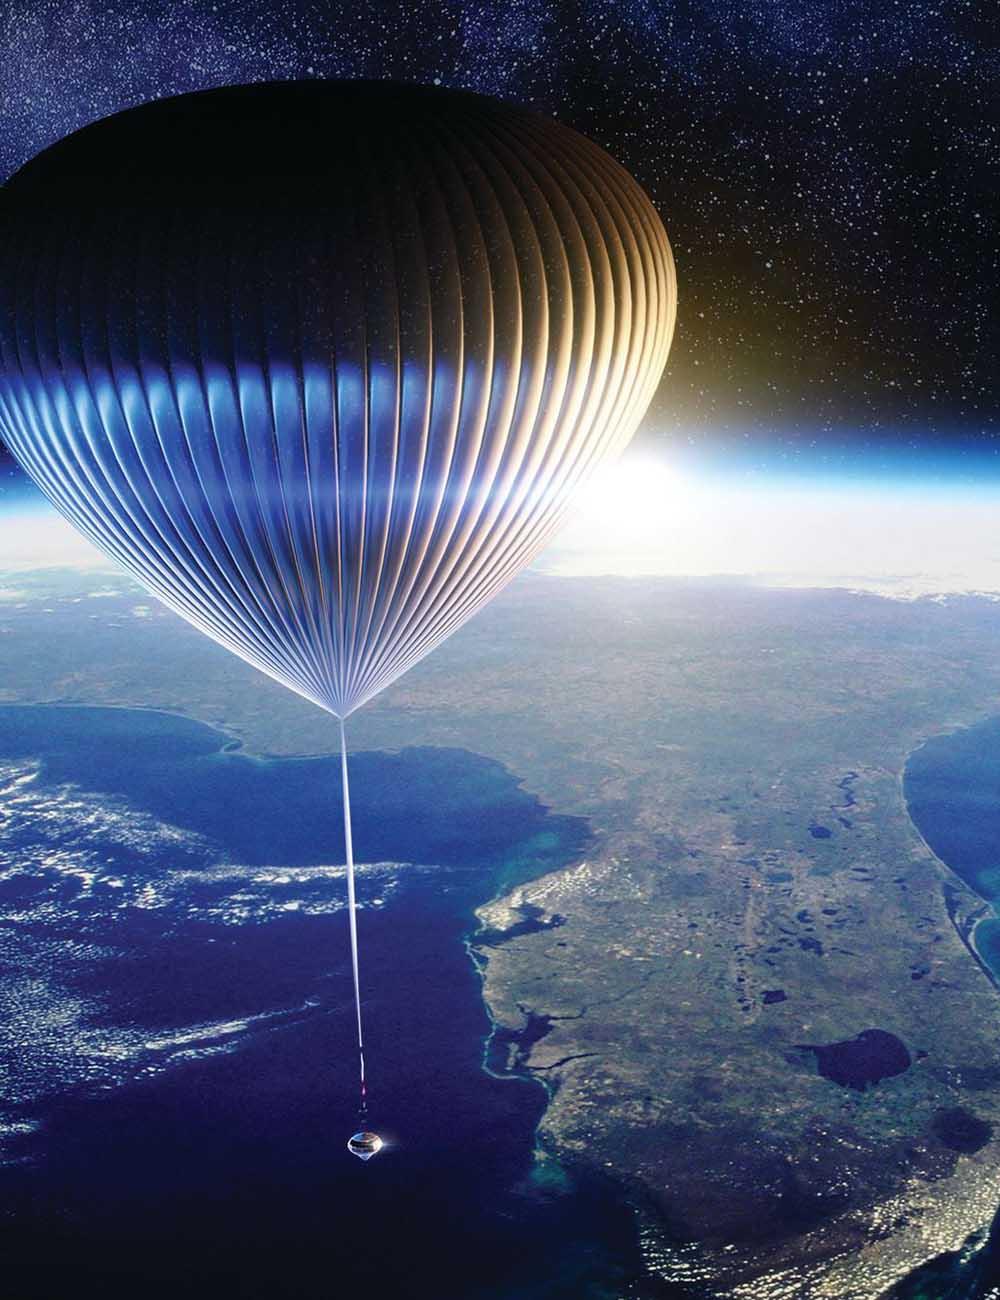 High-altitude balloon flight